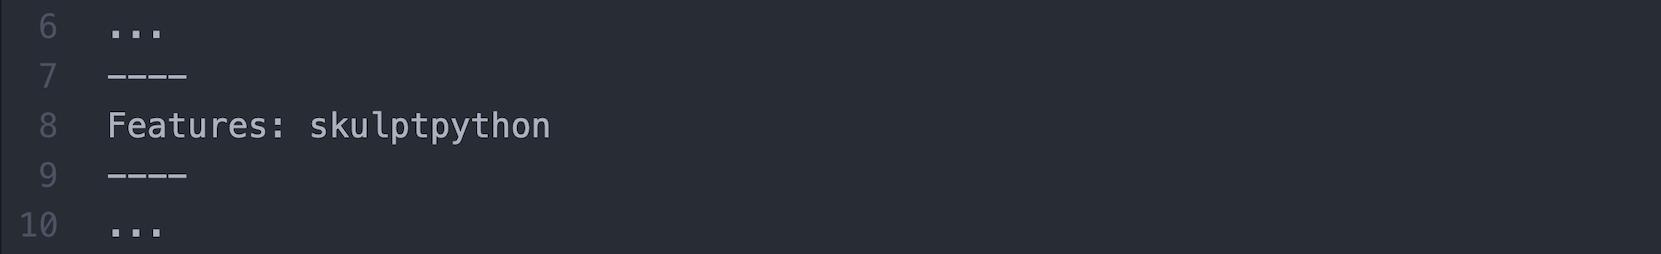 Beispielquelltext für die Einbindung von Skulpt Python über das Meta-Tag features